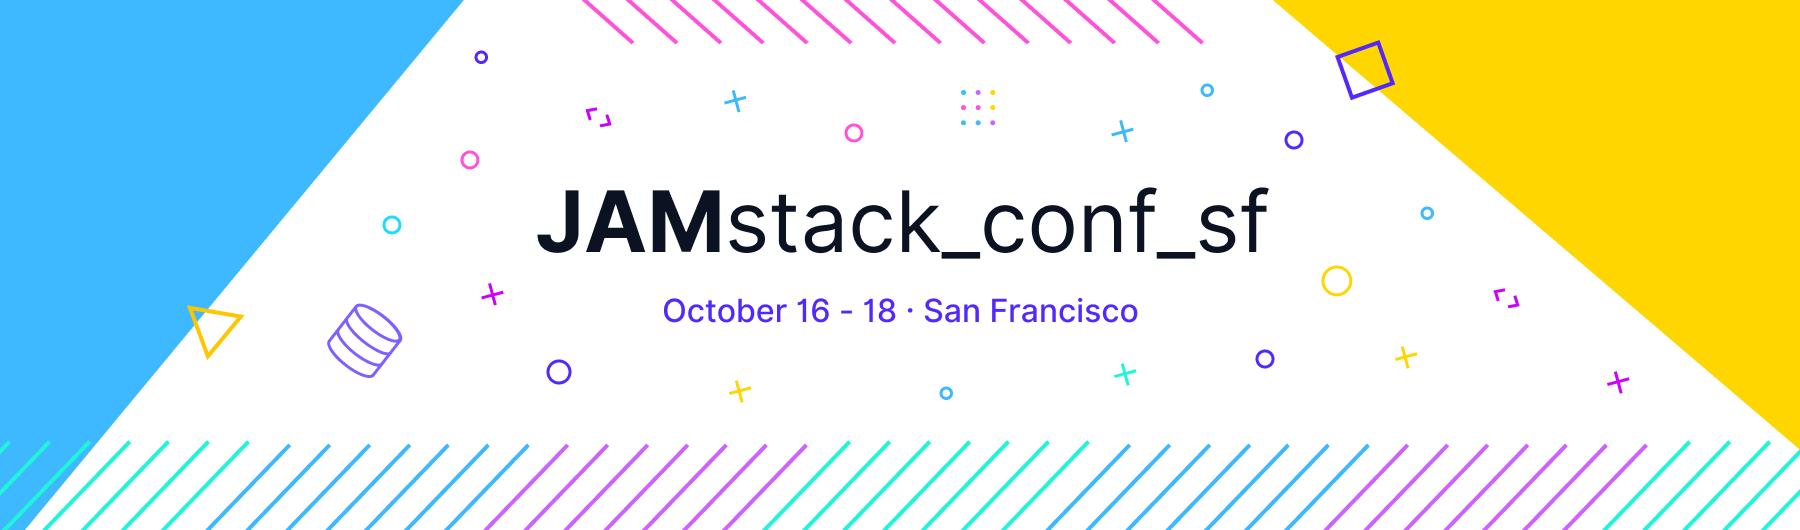 JAMstack_conf_sf 2019